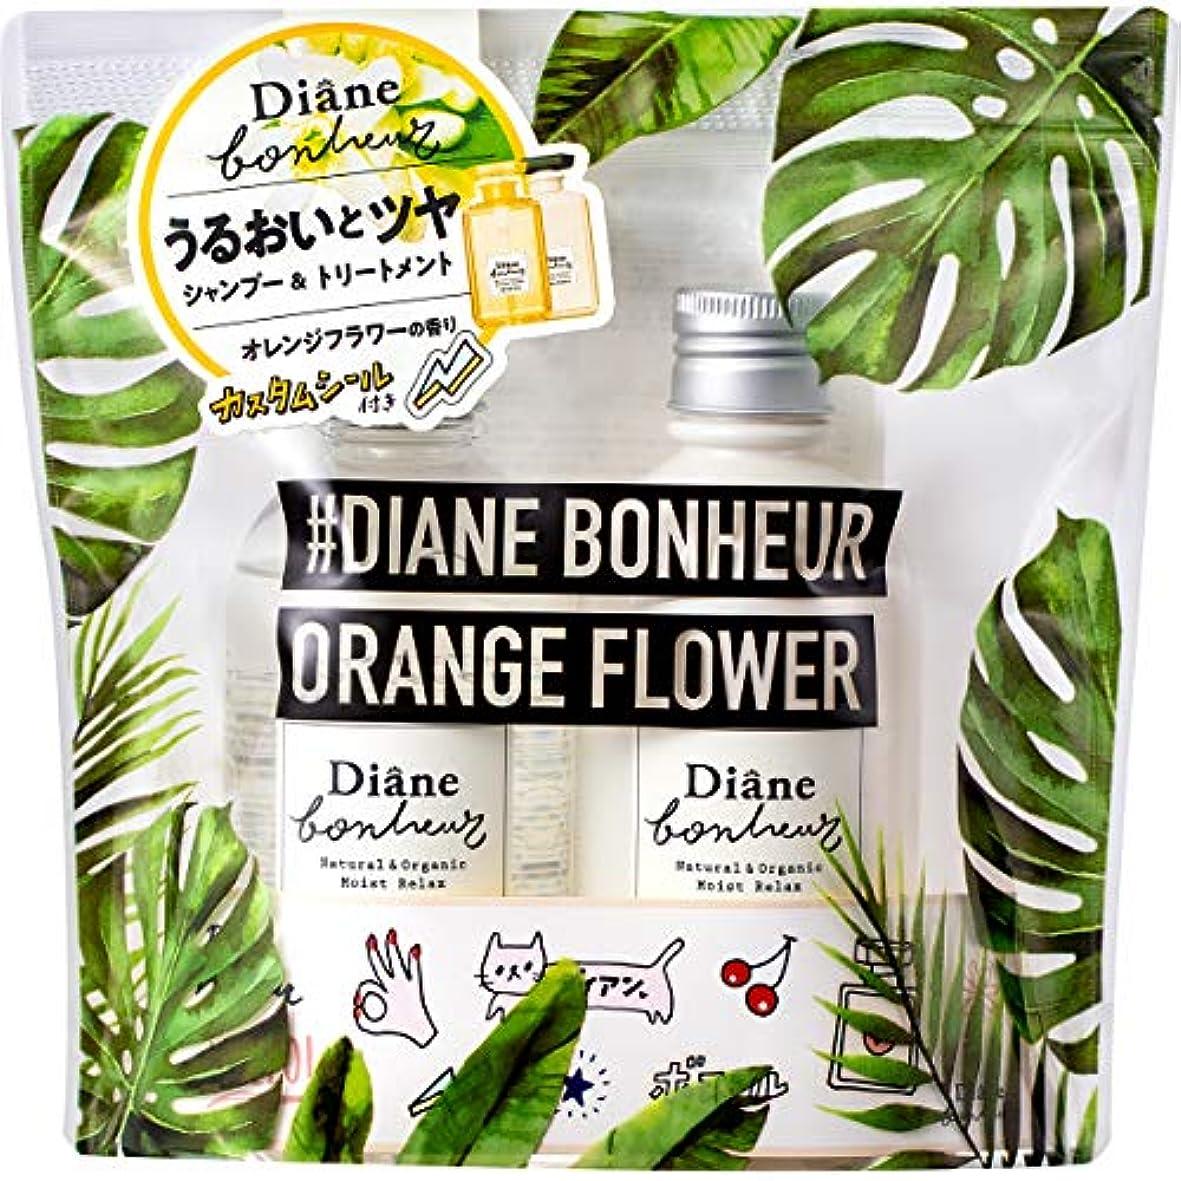 シュガー乱れソースDiane Bonheur (ダイアン ボヌール) ダイアン ボヌール シャンプー&トリートメント セット OrangeFlower 200mlボトル ポーチ付 ×2